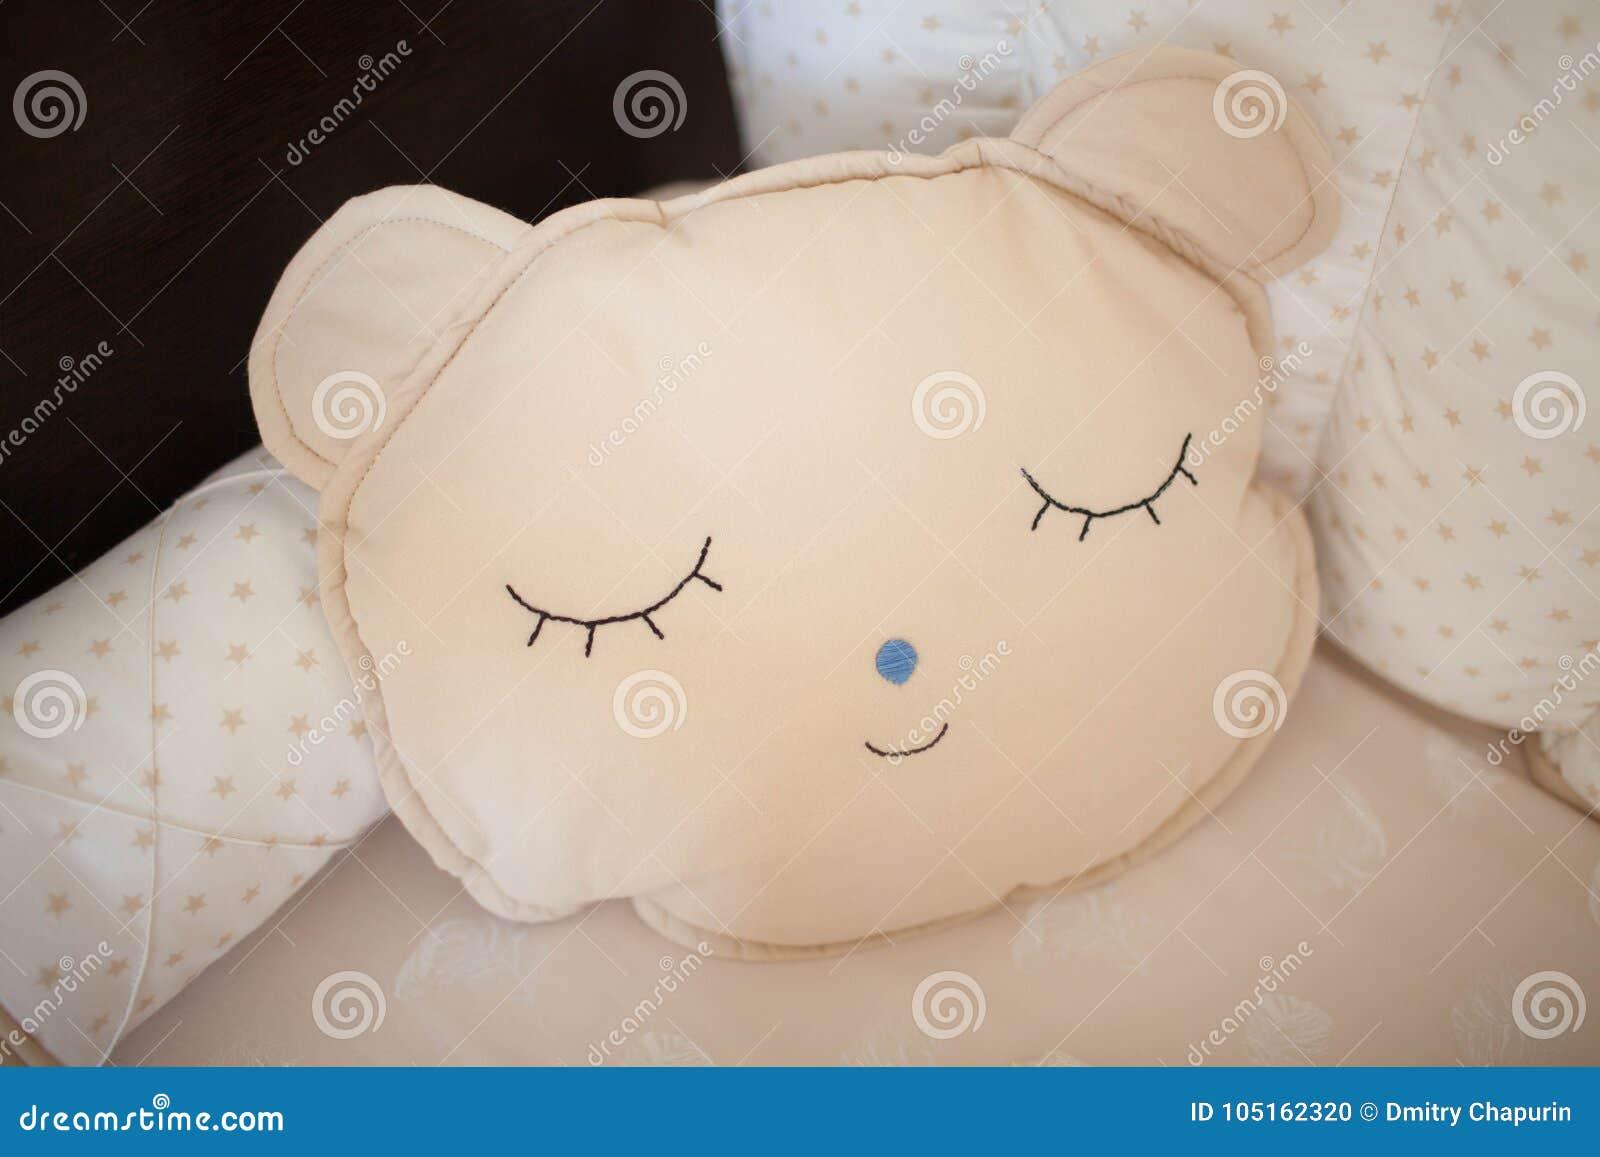 Almohada hermosa para hecho a mano recién nacido